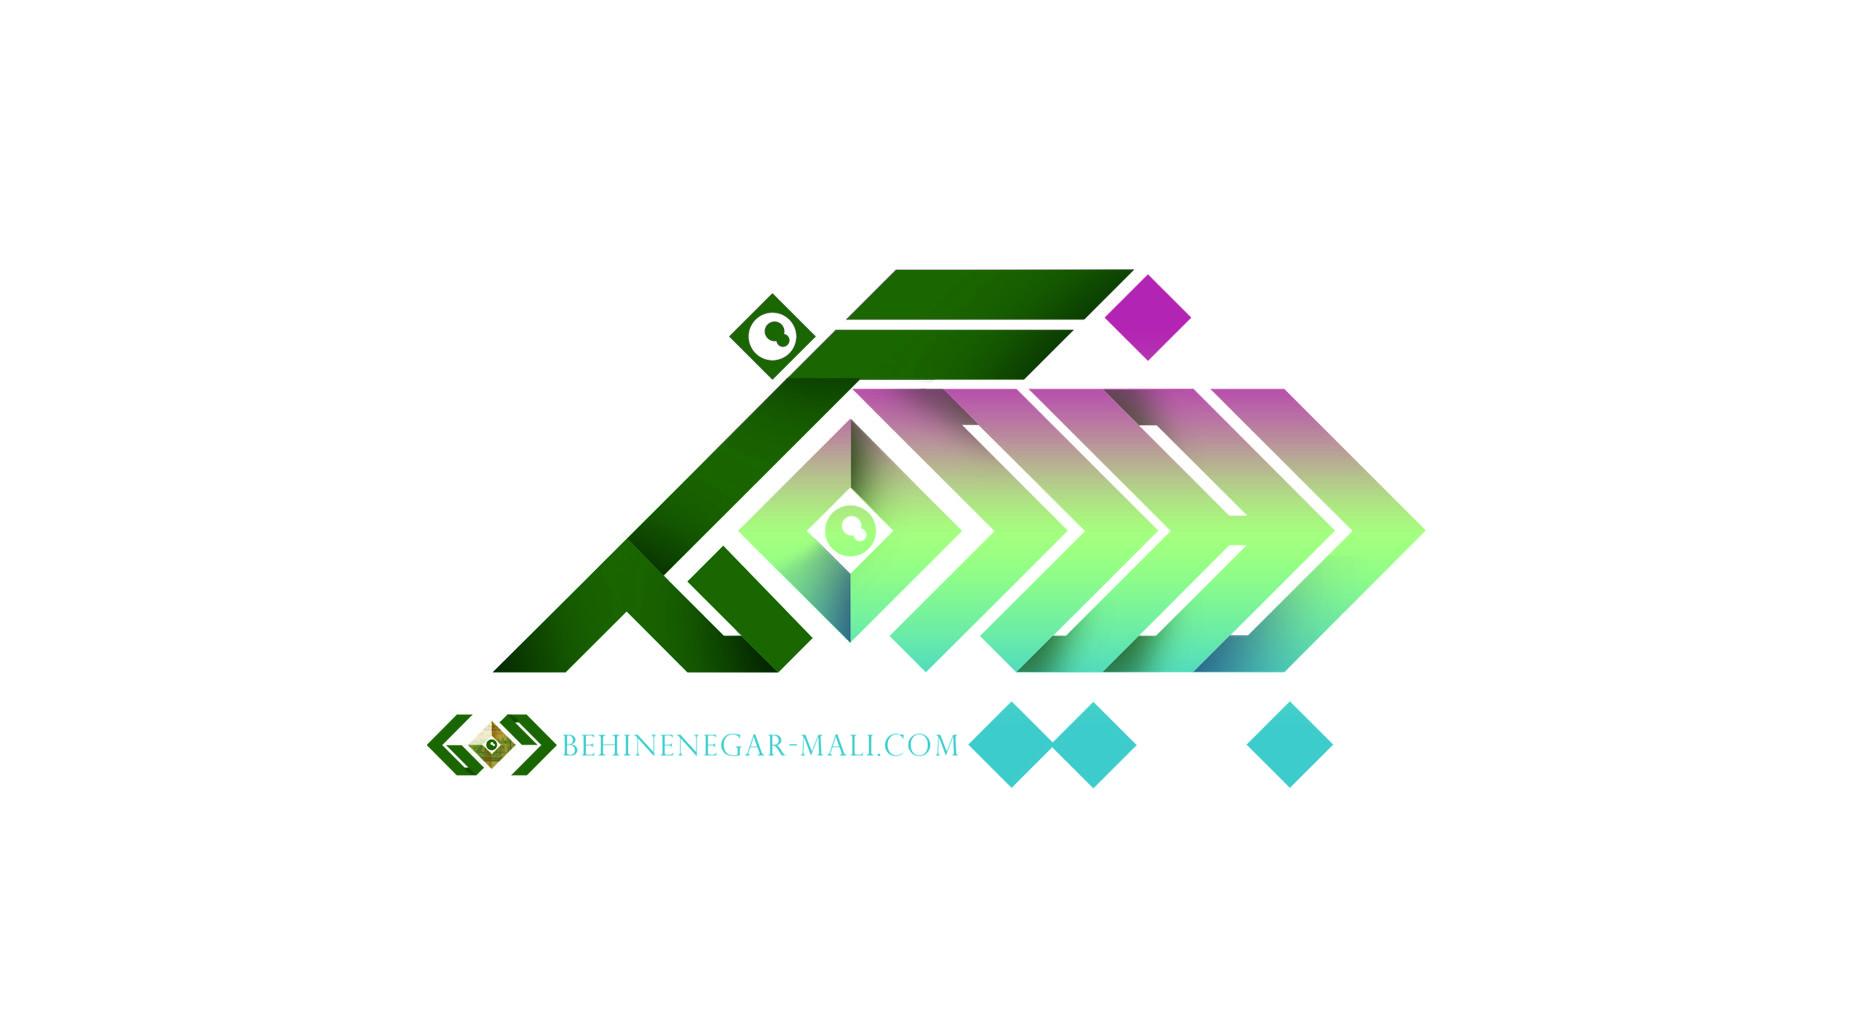 وب سایت بهینه نگر دانش و سواد مالی خانواده